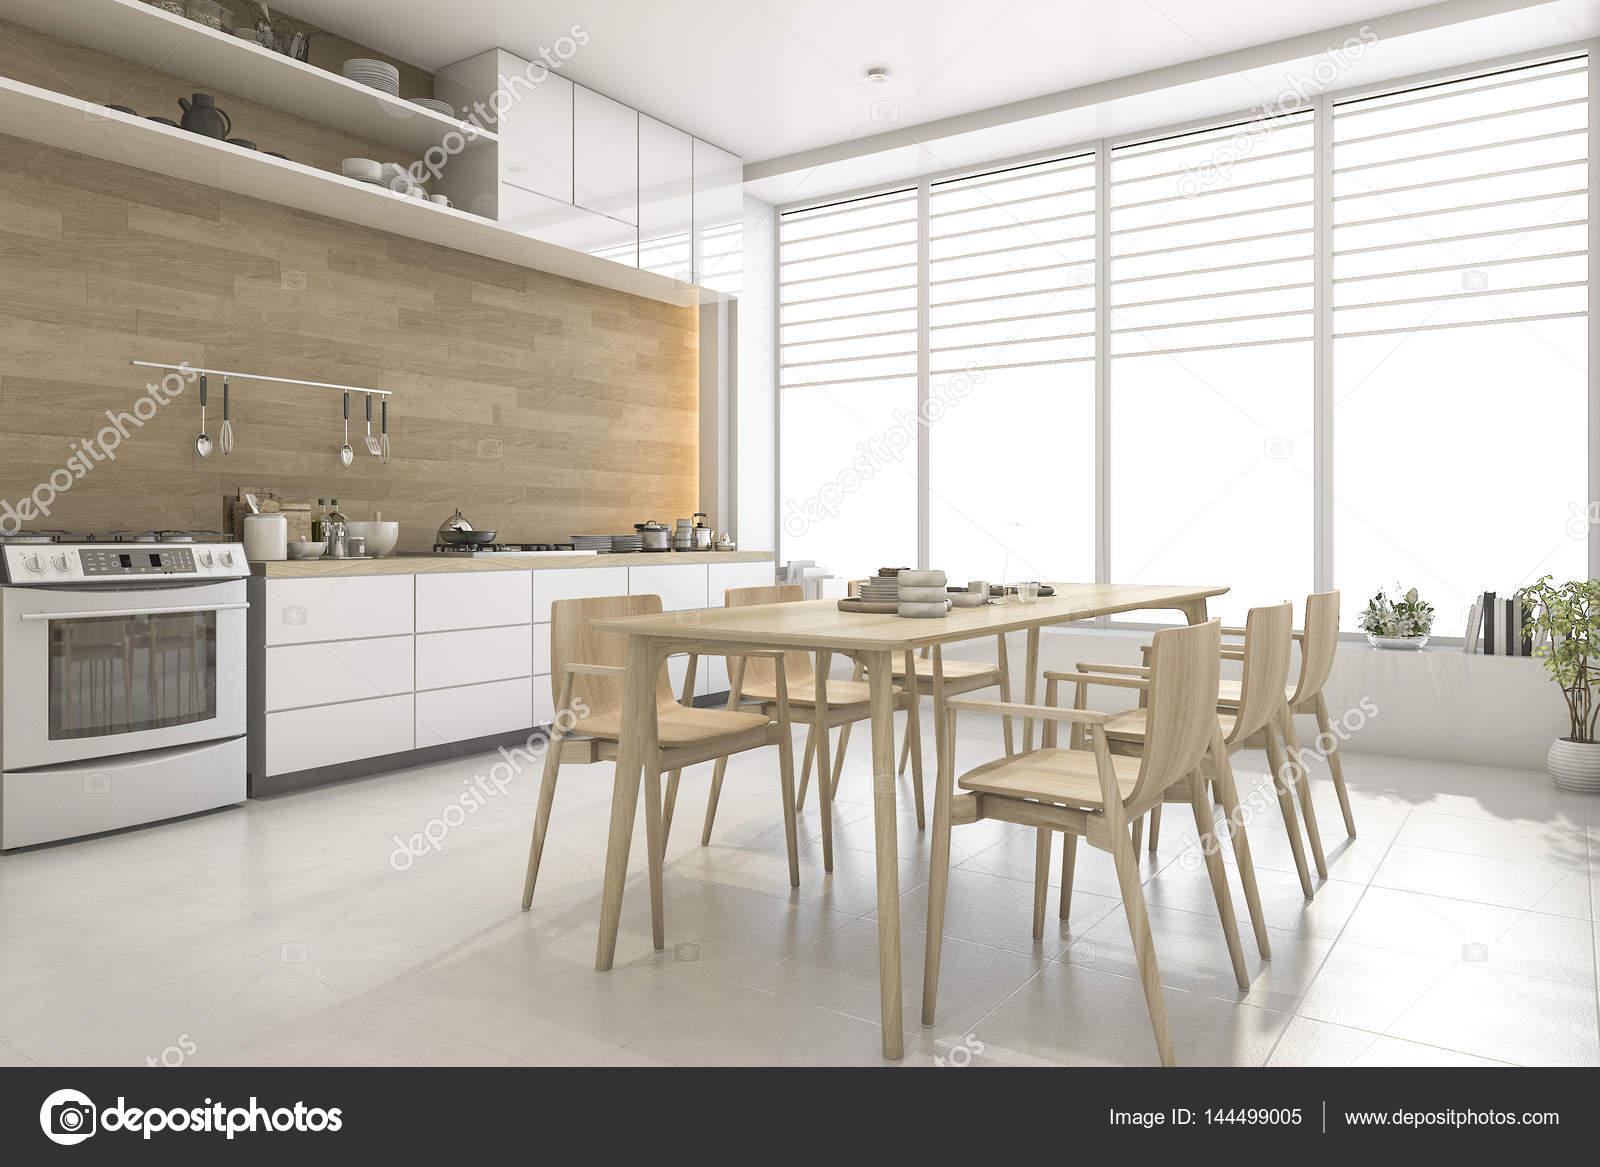 Küchen skandinavischen stil  3D Rendering weißen skandinavischen Stil Holz, Küche und Esszimmer ...